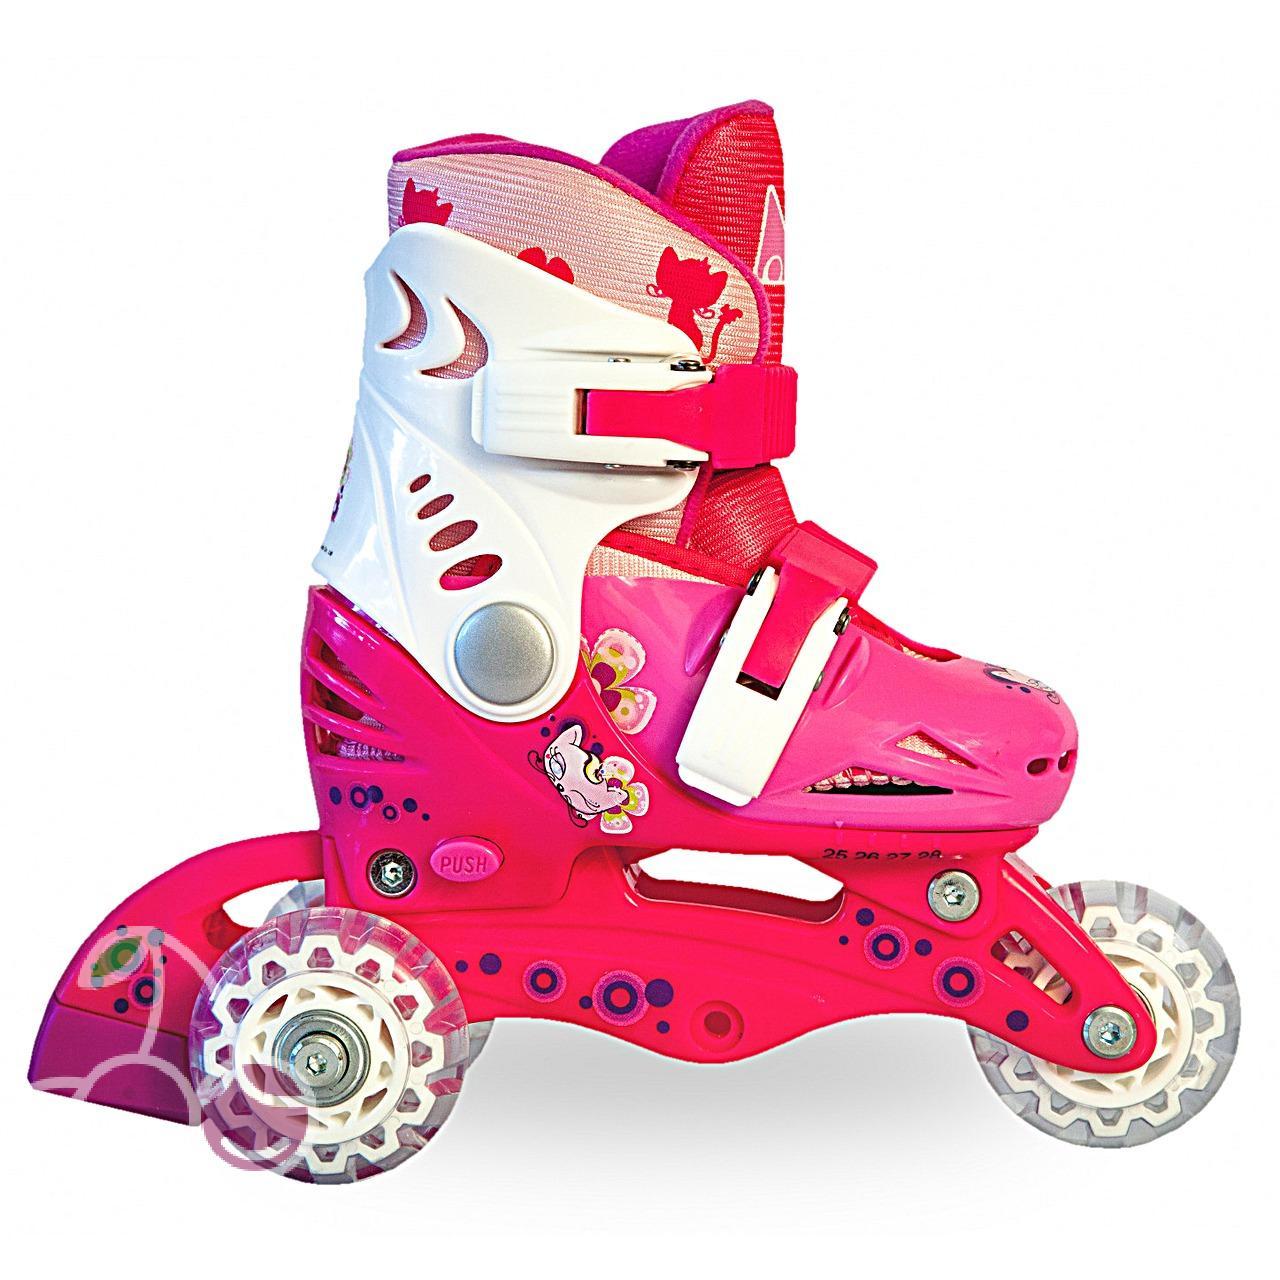 Роликовые коньки детские 27 размер, для обучения (трансформеры, раздвижной ботинок) MagicWheels розовые, - фото 2